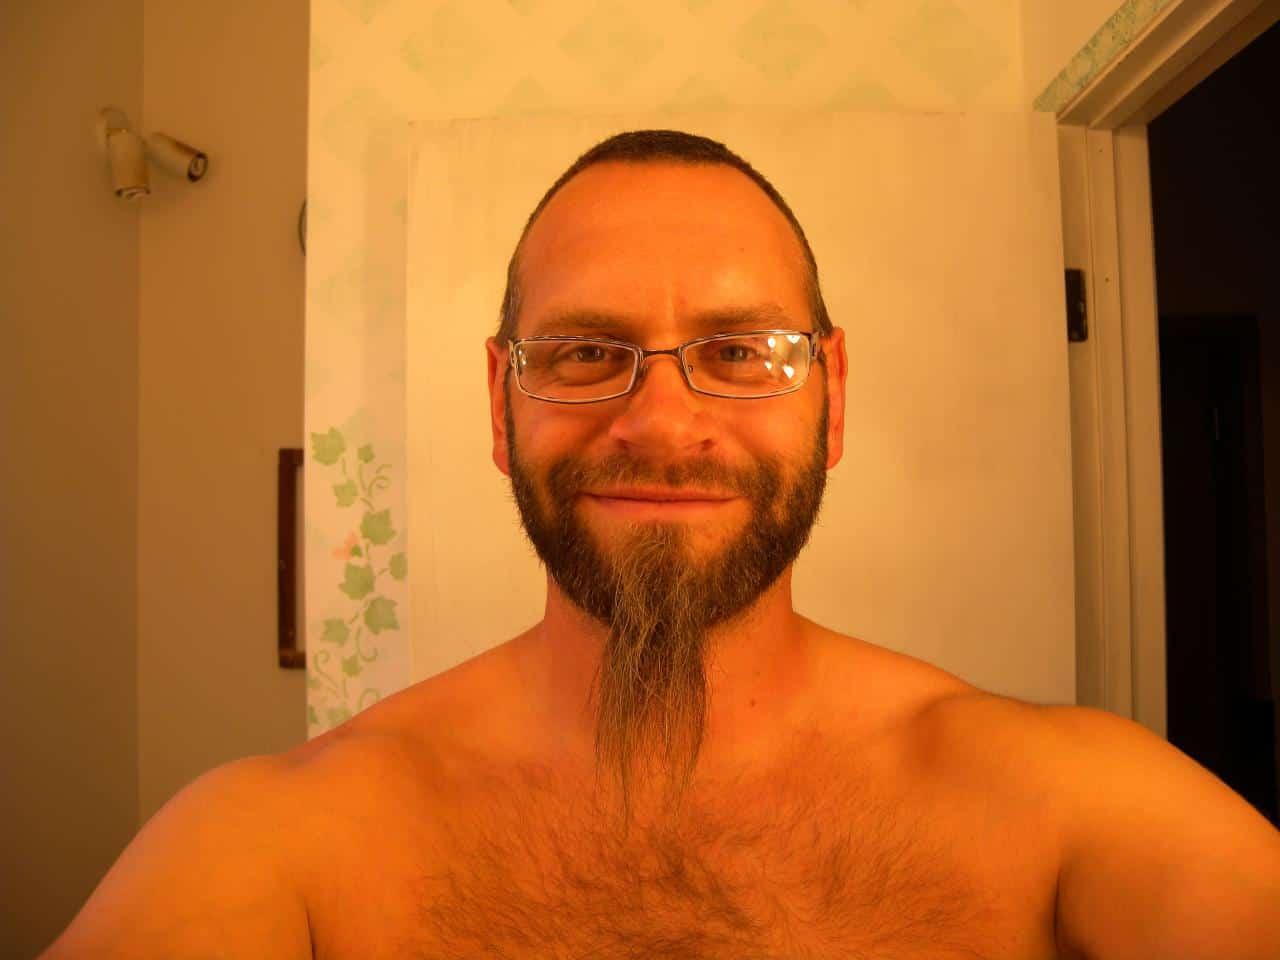 man posing beard